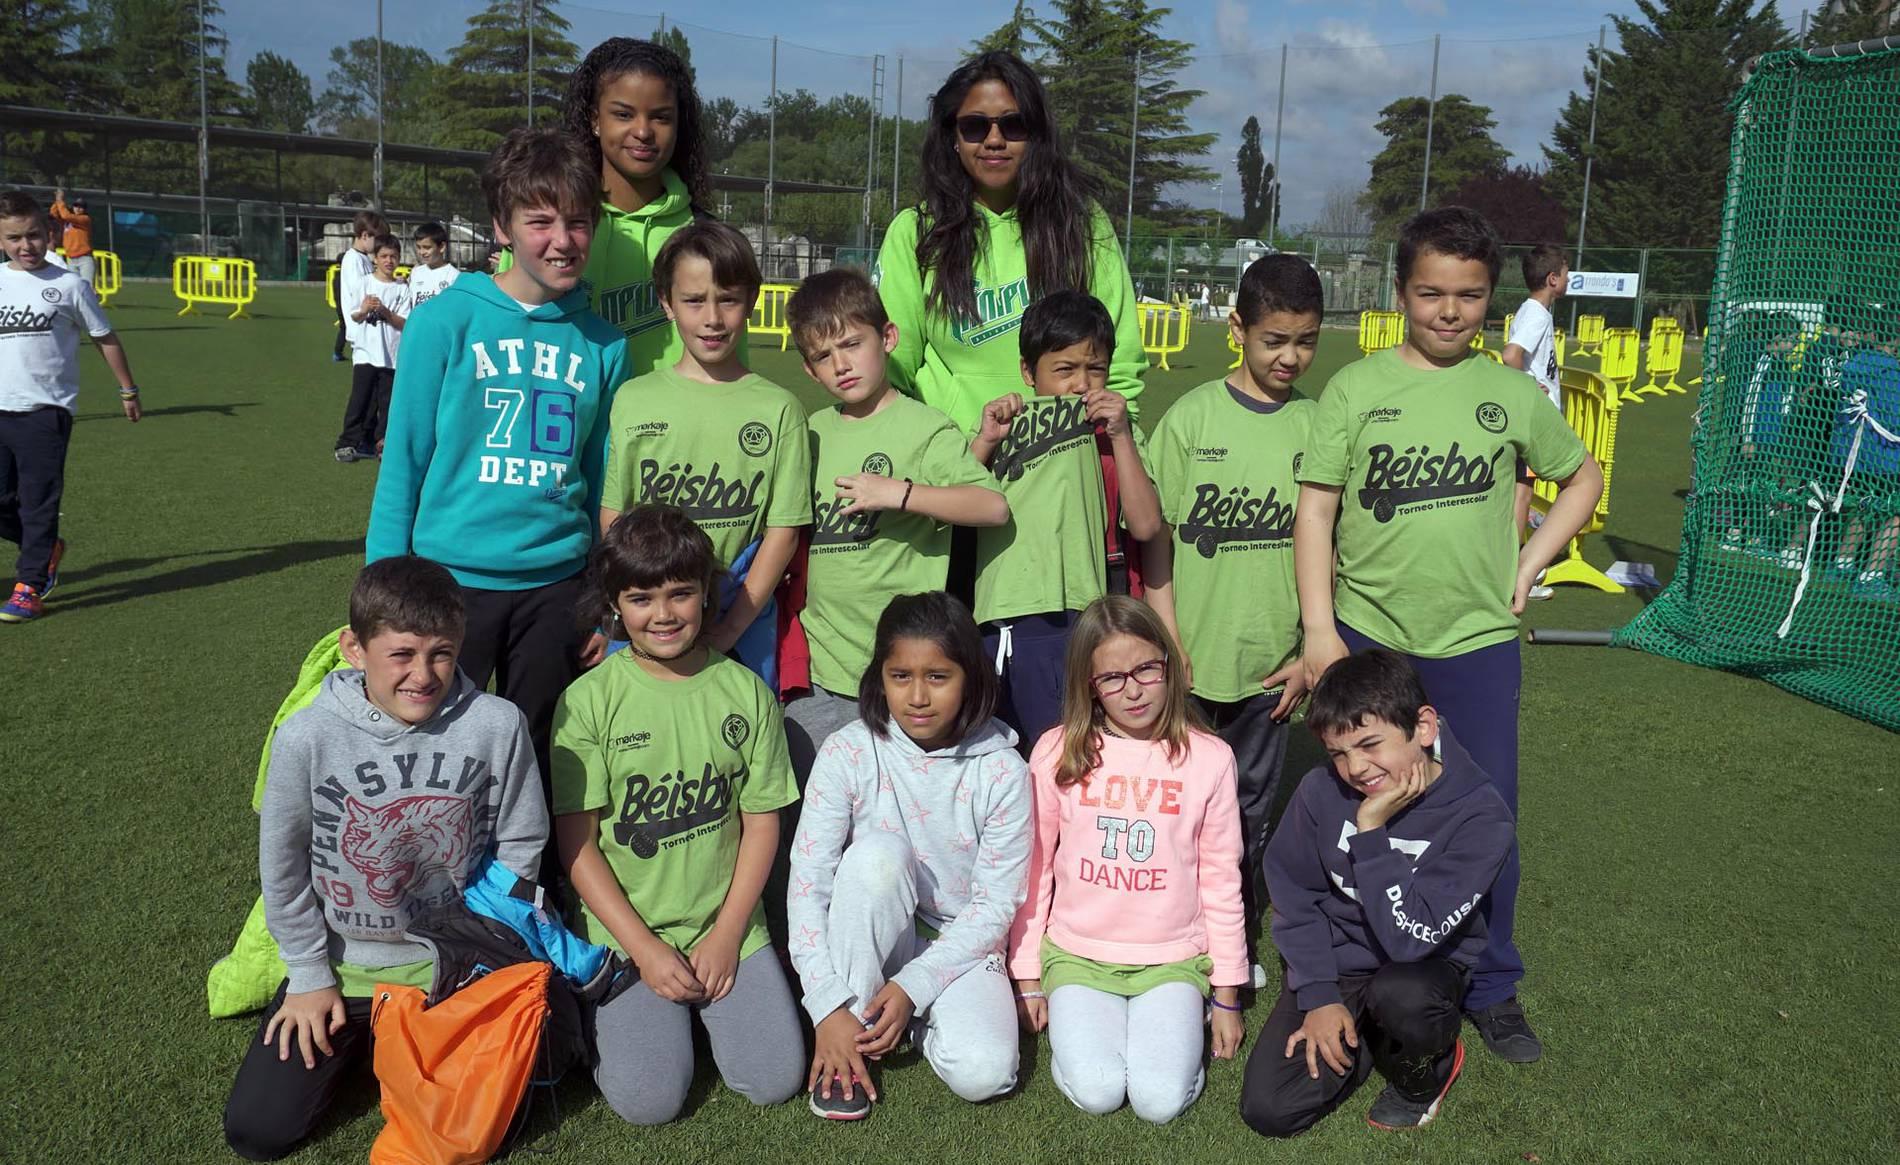 Una apuesta desde los colegios por el béisbol (1/9) - Entre el 18 y el 21 de abril se ha disputado en el Campo Municipal del Soto de Burlada una nueva edición del Torneo Interescolar de Béisbol. Han tomado parte un total de 18 equipos (9 rookies y 9 sophomores) de 13 centros escolares de la Comarca de Pamplona, que sumaron 223 jugadores en sus filas. Durante el torneo se jugaron un total de 80 partidos en los 4 campos en los que se dividió El Soto burladés. Los partidos se disputaron con una duración de 30 minutos o 6 entradas, jugando todos los equipos un mínimo de 8 partidos. - Más deporte -